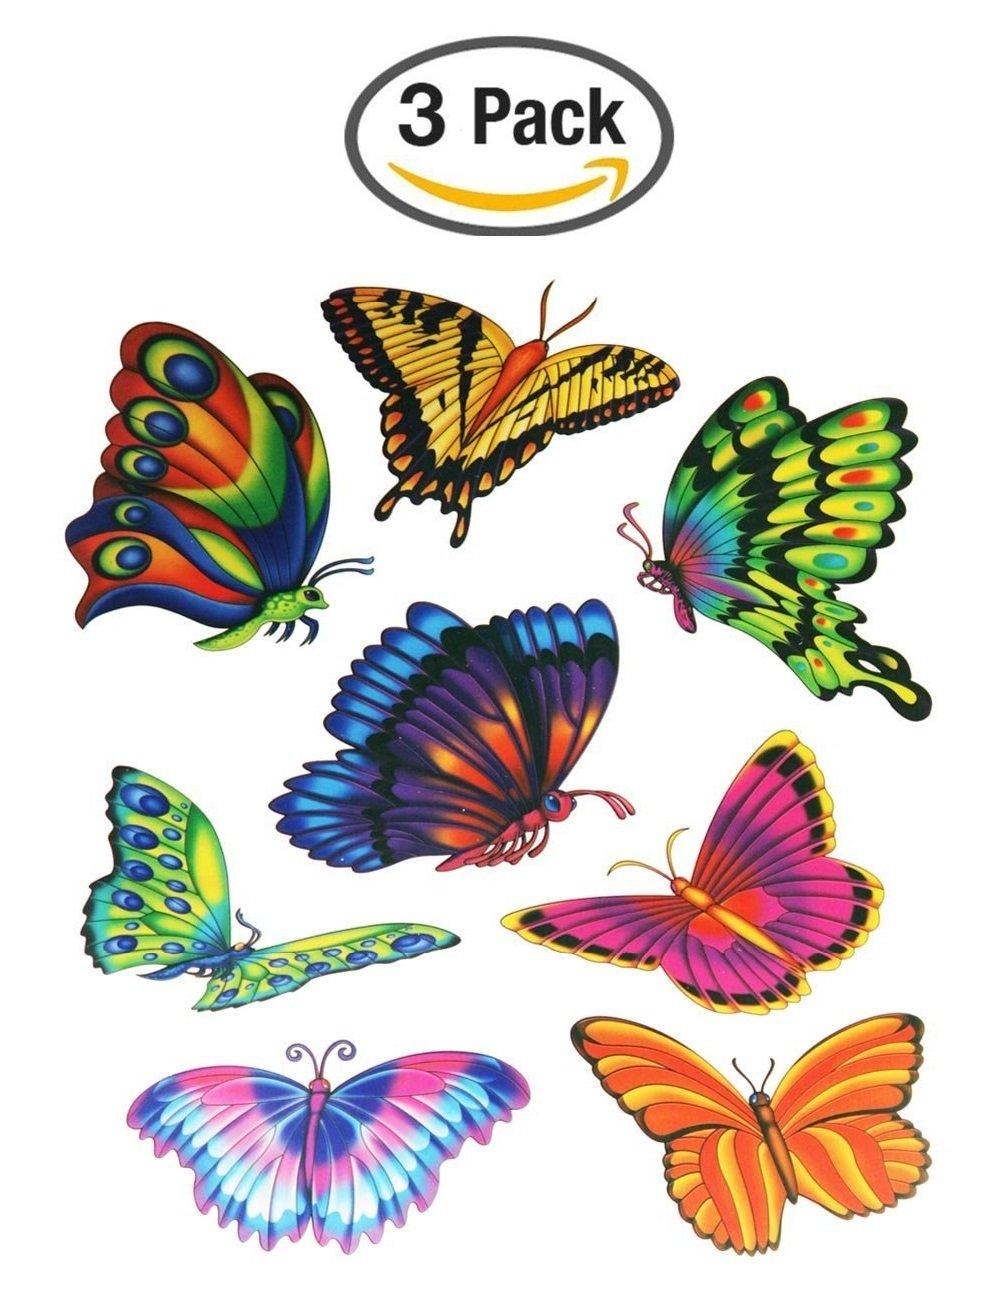 Butterfly Window Clings (24 Butterflies - 3 packs of 8)